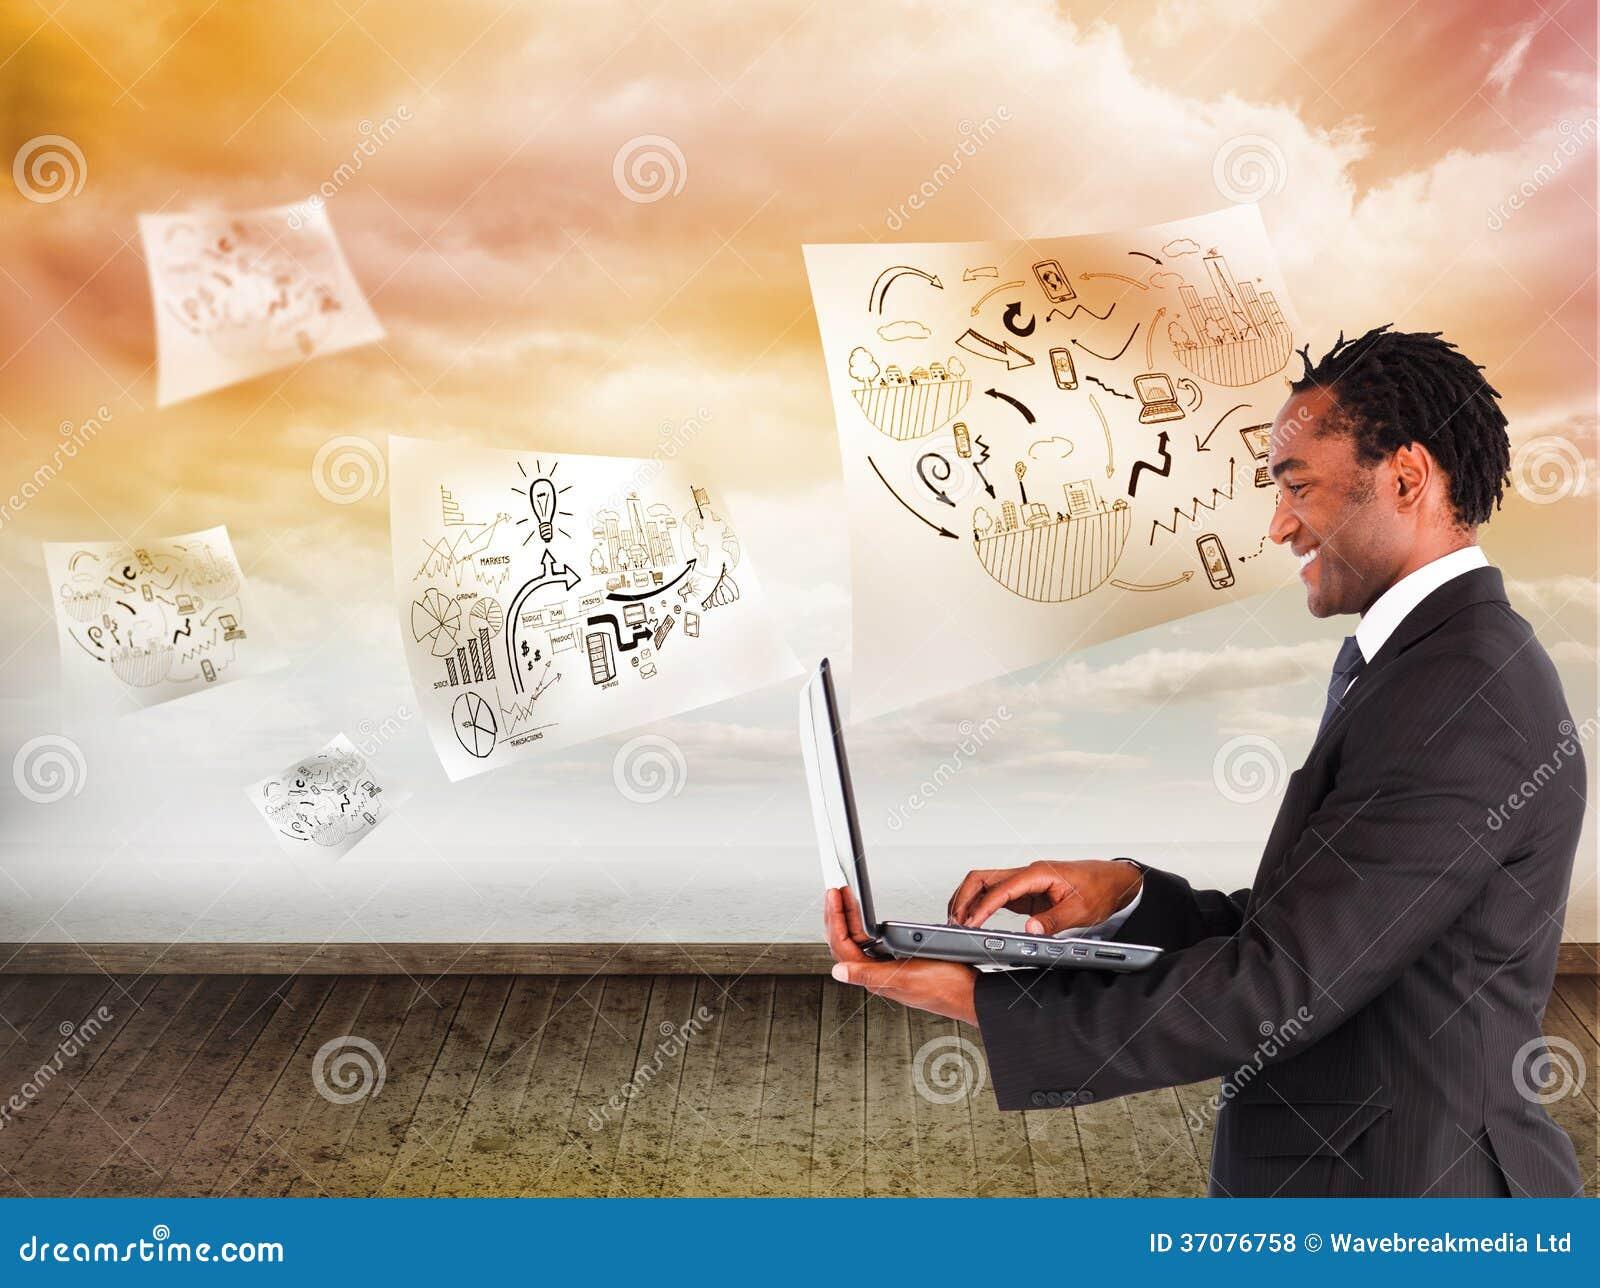 Download Biznesmen Pracuje Na Laptopie Zdjęcie Stock - Obraz złożonej z podłoga, sheik: 37076758